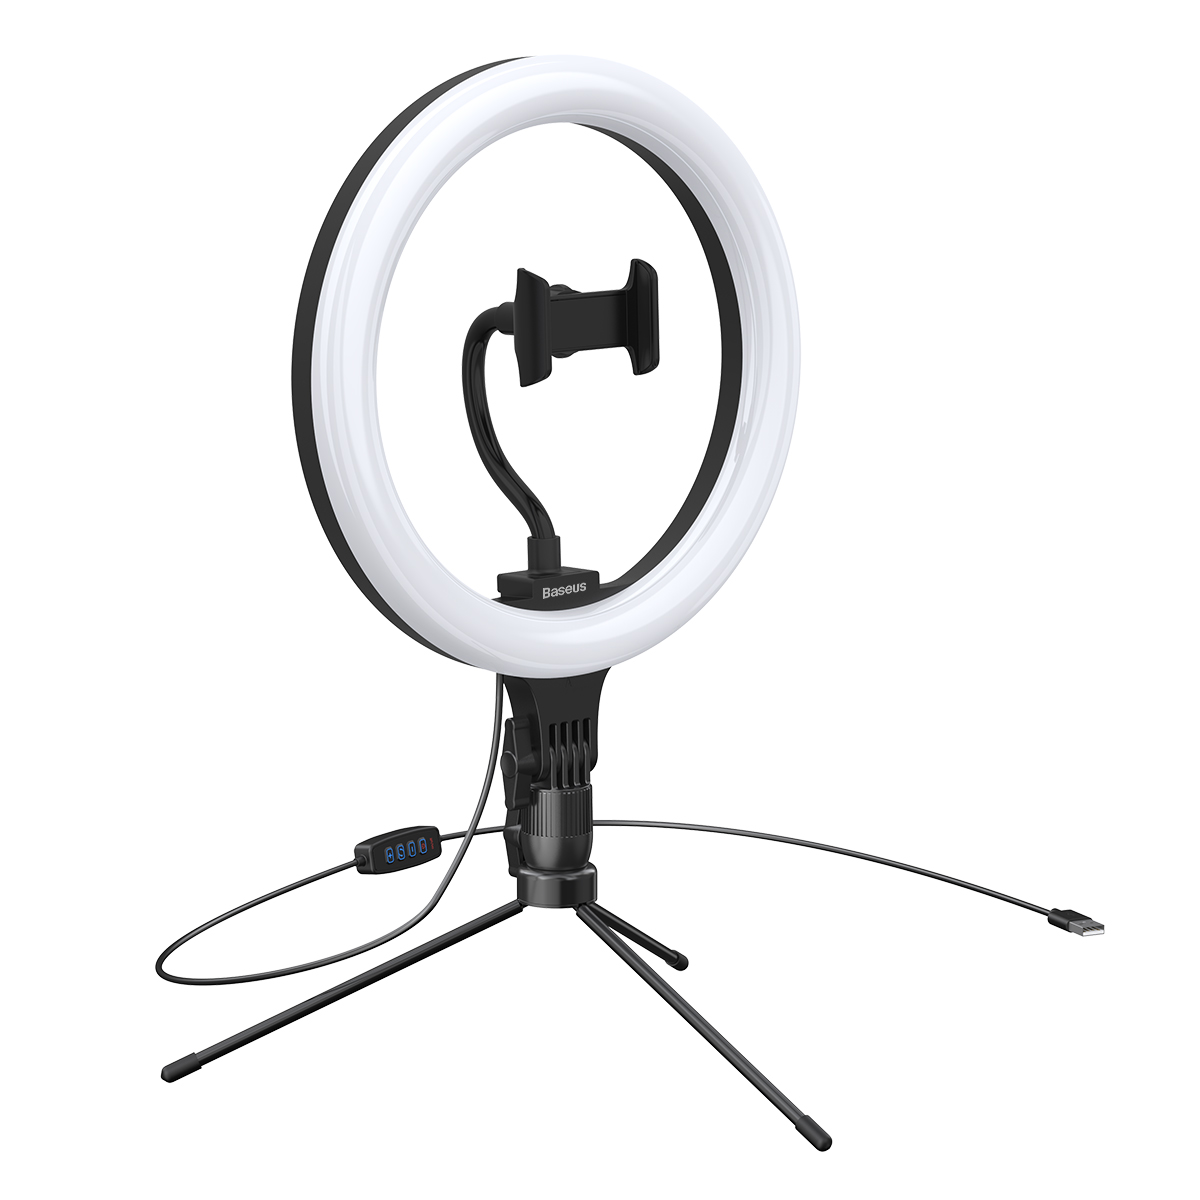 ARO DE Luz para Celulares Baseus Live Stream 10 polegadas com Tripé